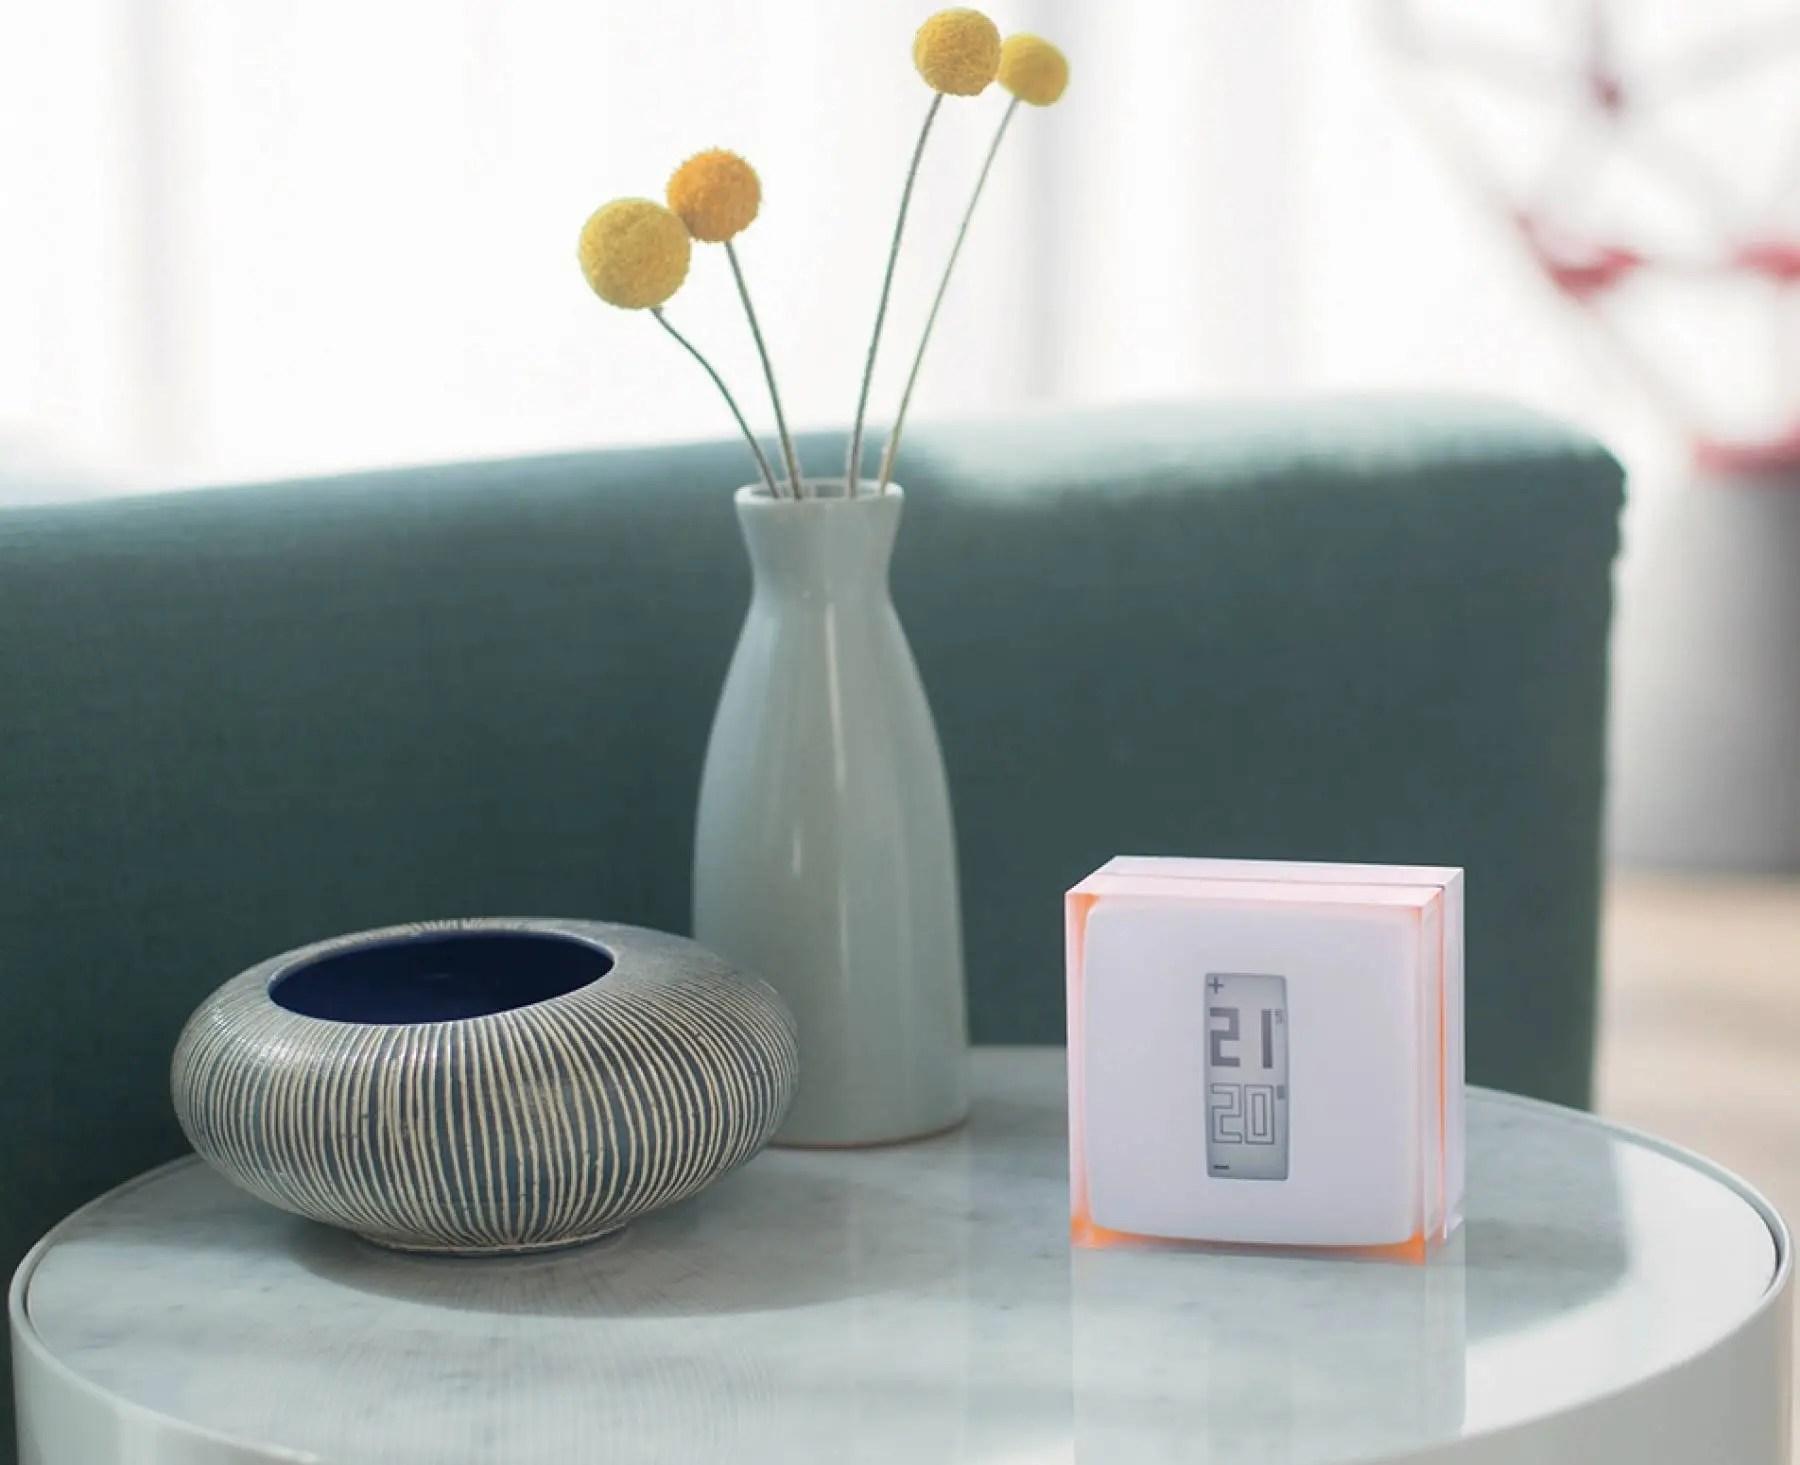 Completa tu Smart Home con las ofertas de Netatmo